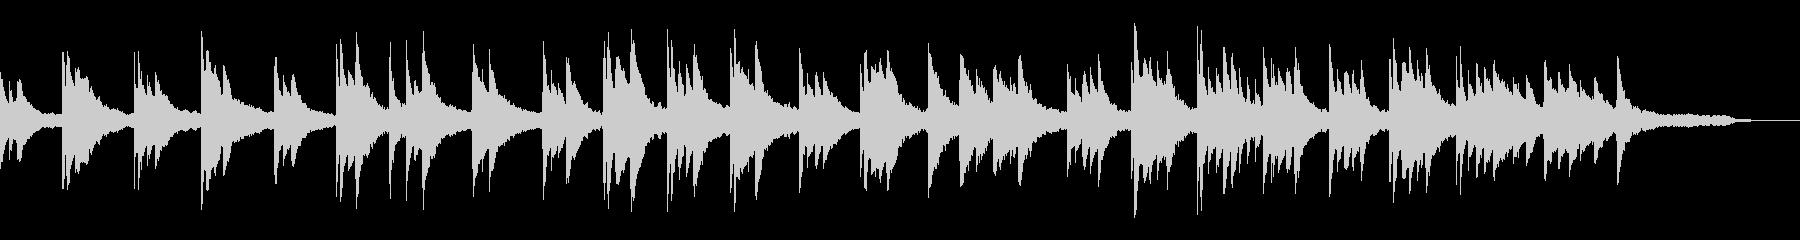 映像・ナレーション用ピアノ演奏(寂しさ)の未再生の波形